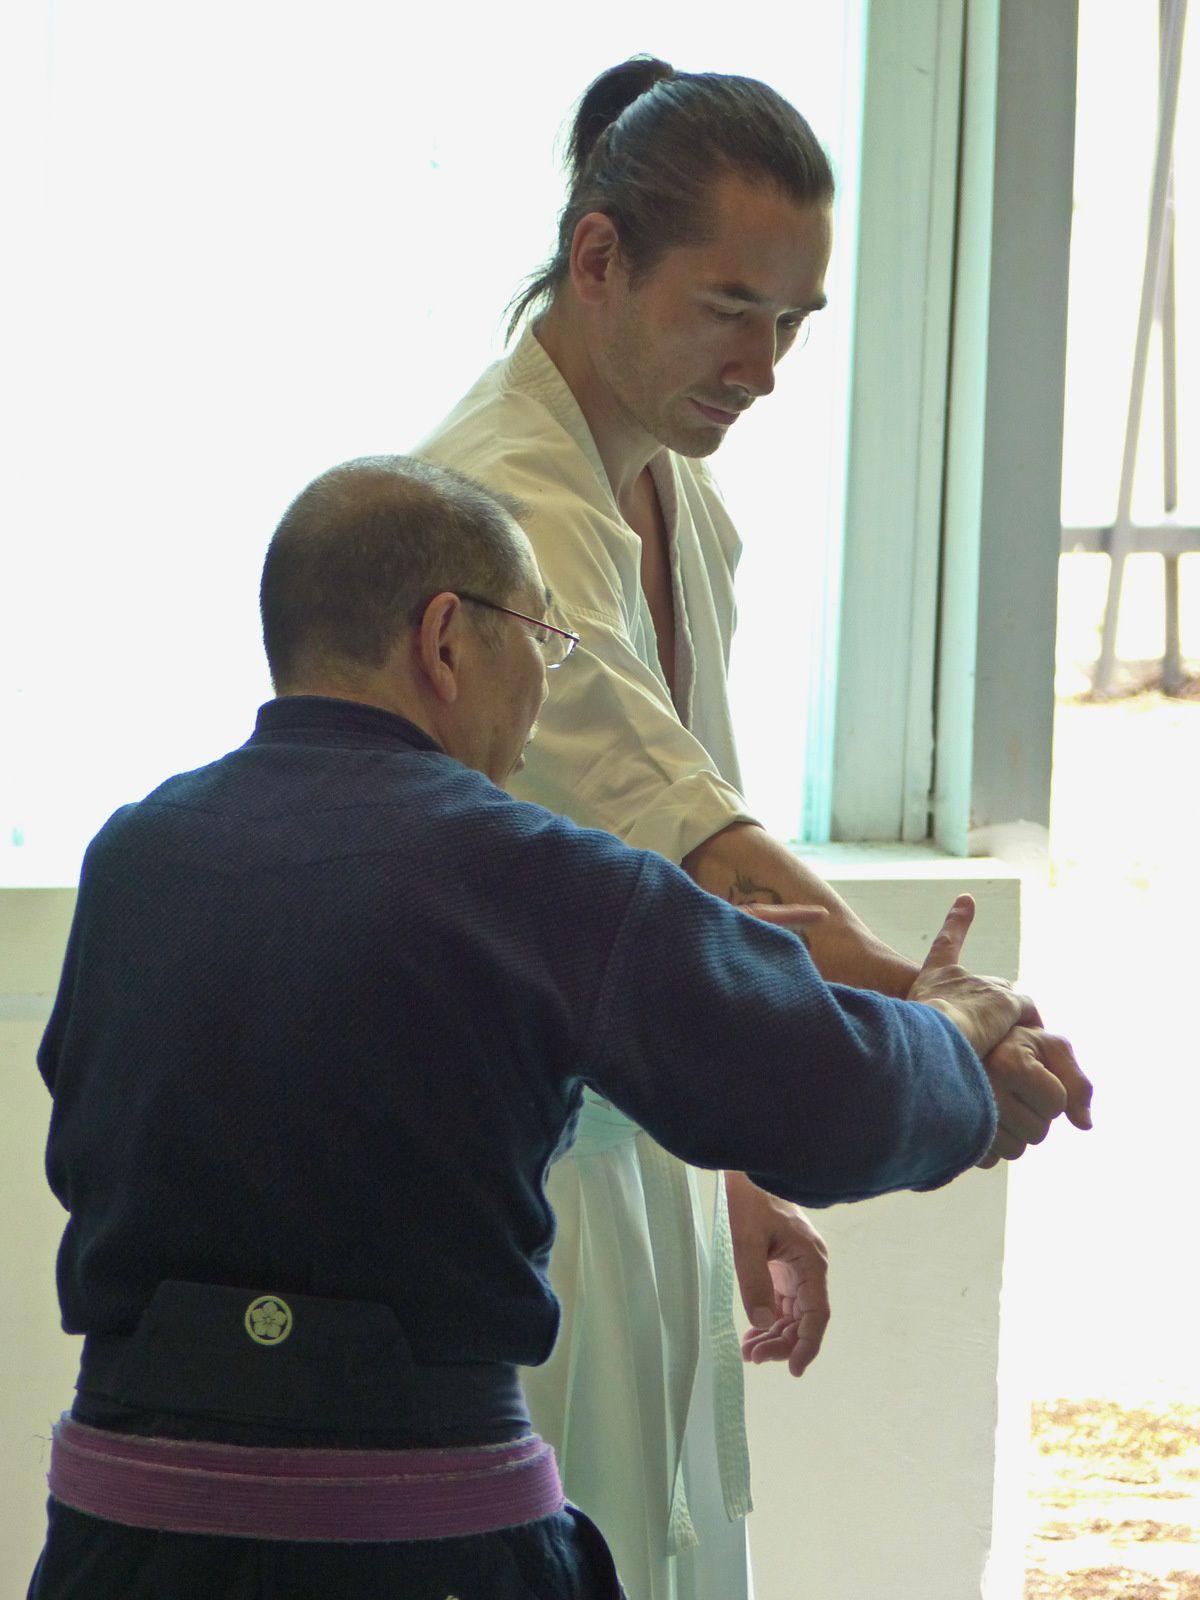 Le contrôle du corps démontré par Yasuhiro Irie (auteur : Aïki-kohaï)